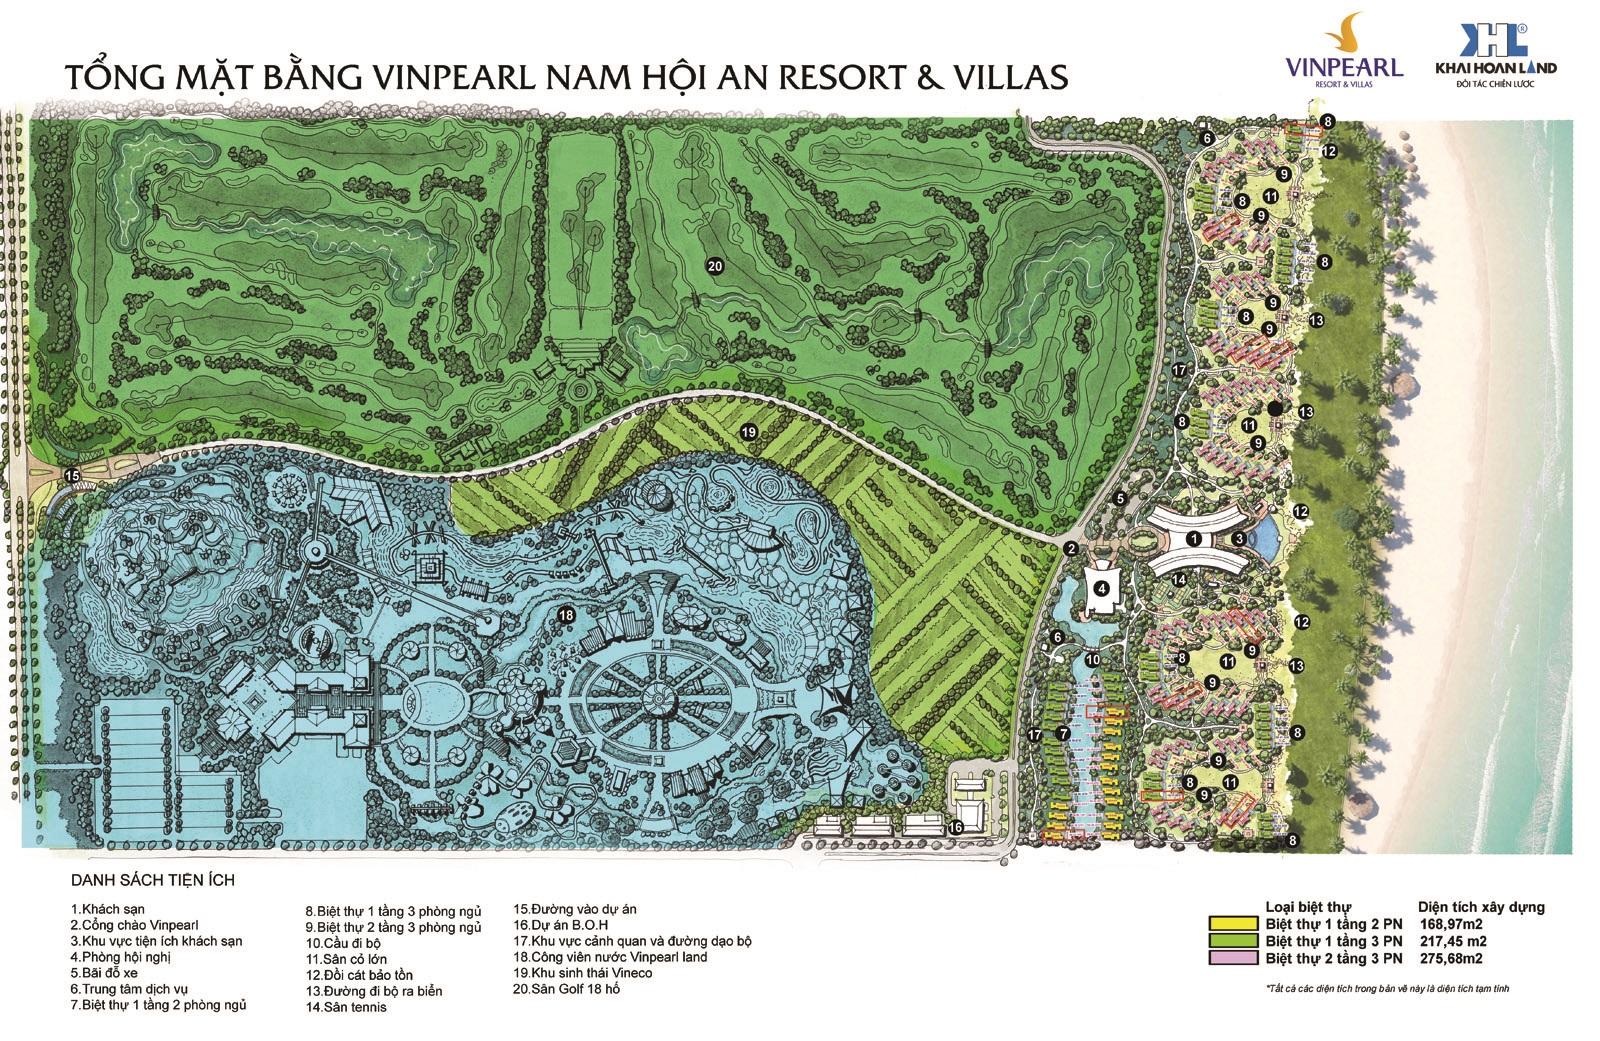 Mặt bằng tổng thể dự án Vinpearl Nam Hội An - Quảng Nam.